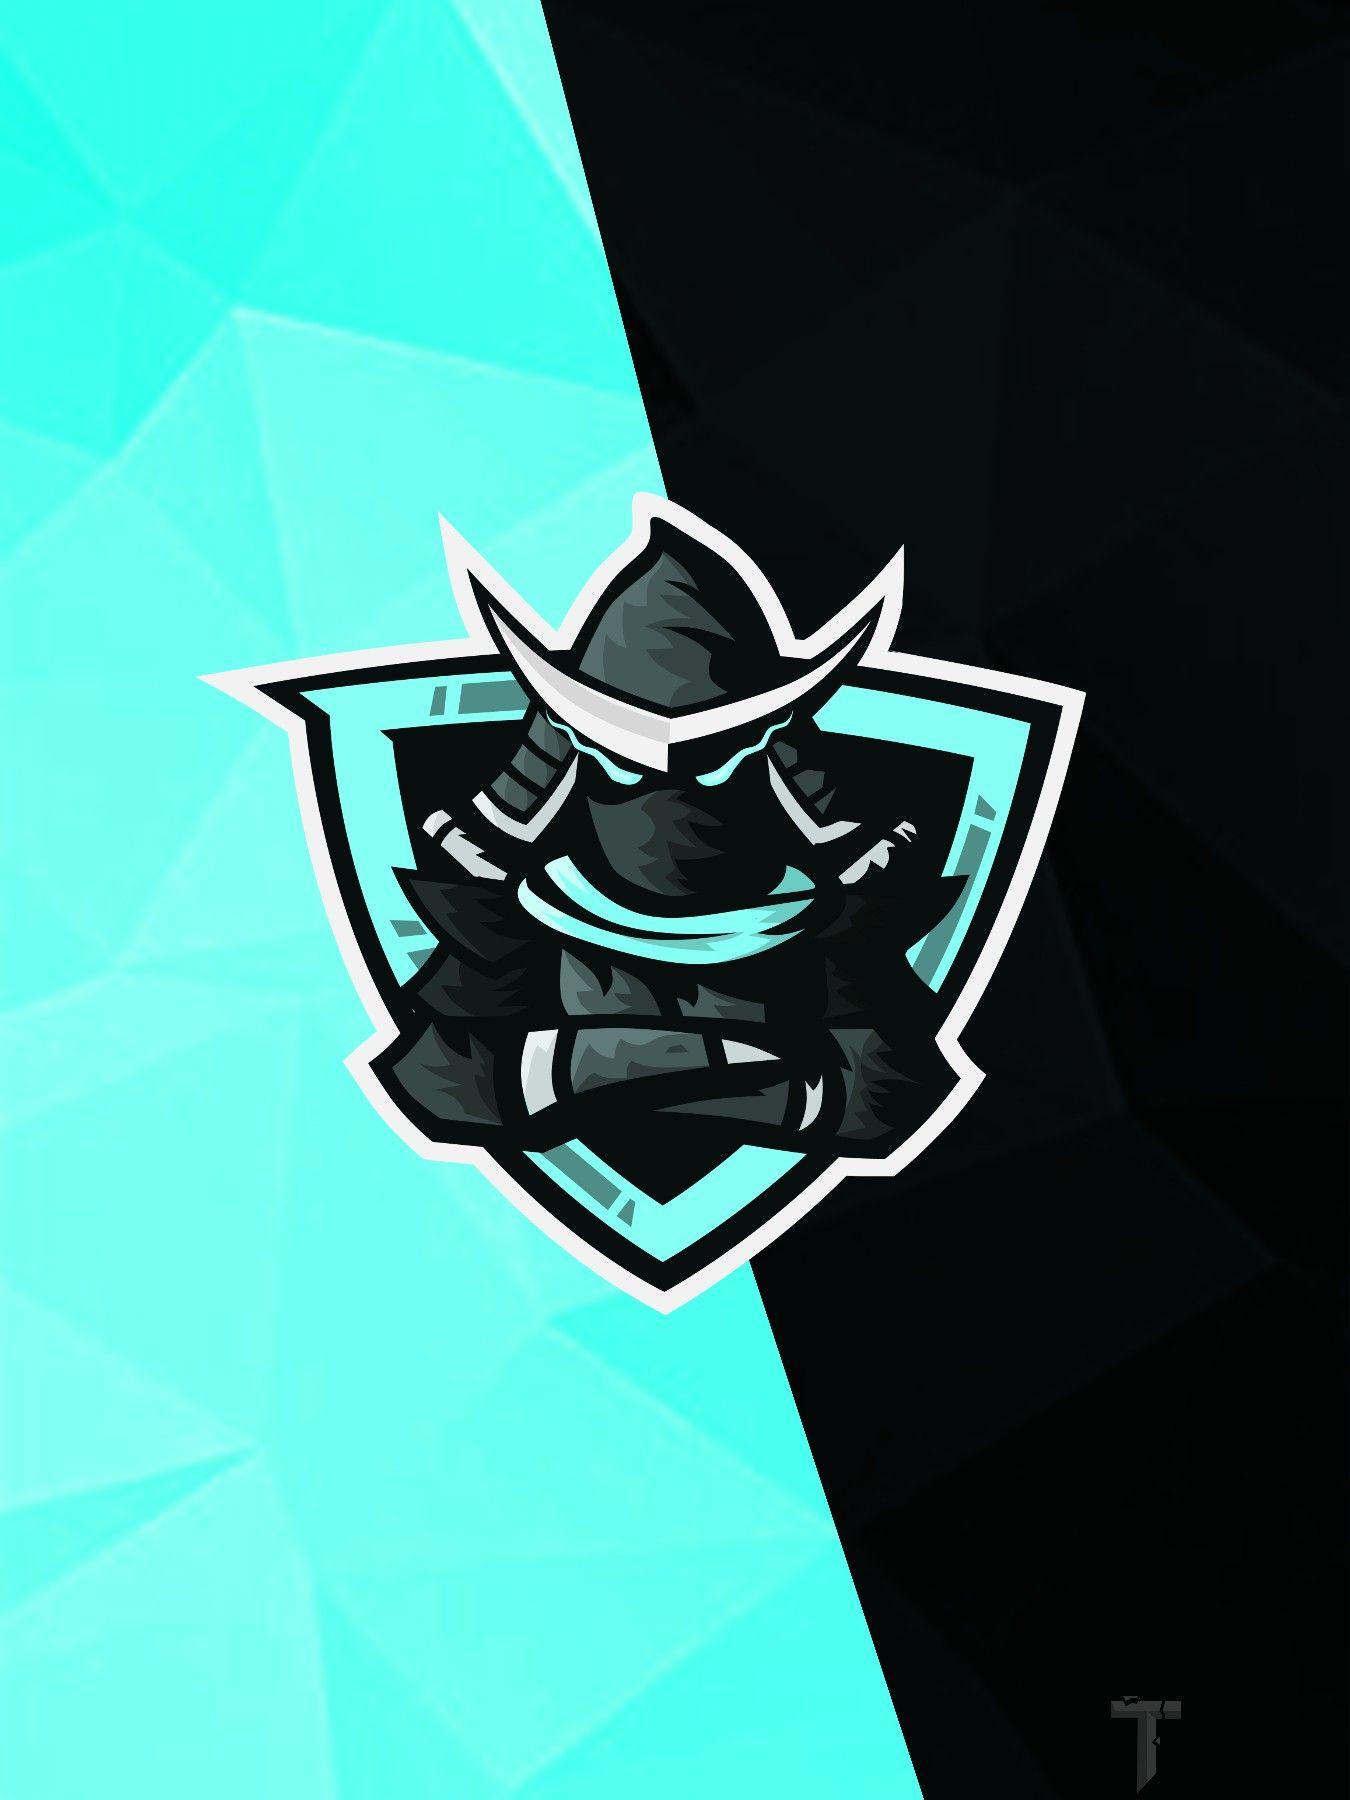 Samurai mascot logo fortnite esports wallpaper background